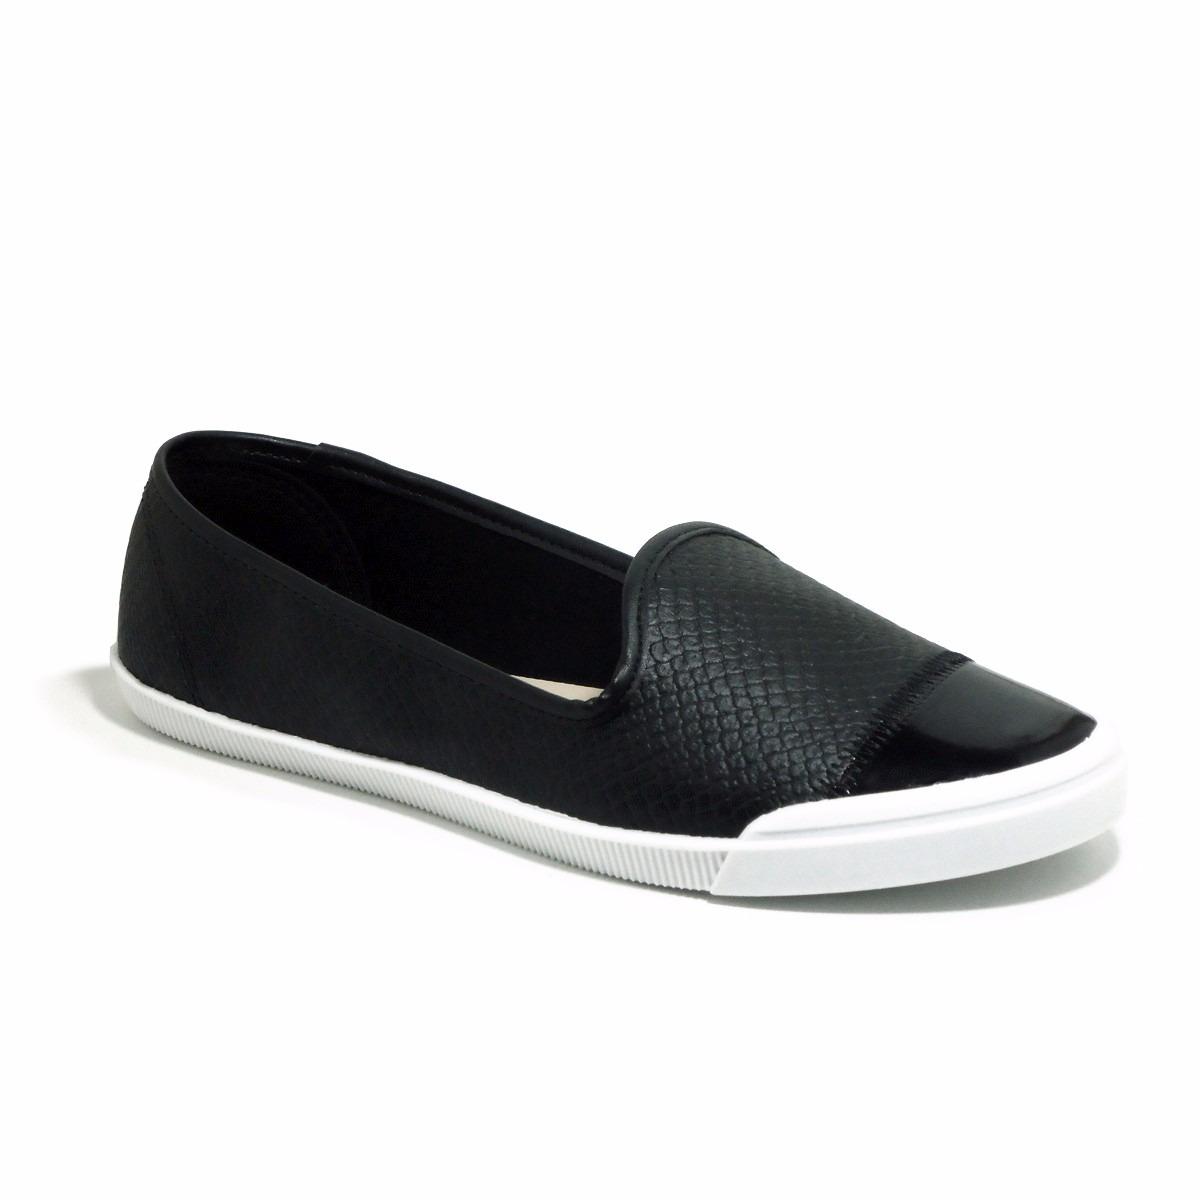 dcbff68b8 sapatilha slipper feminina moleca original preto 5109.432. Carregando zoom.